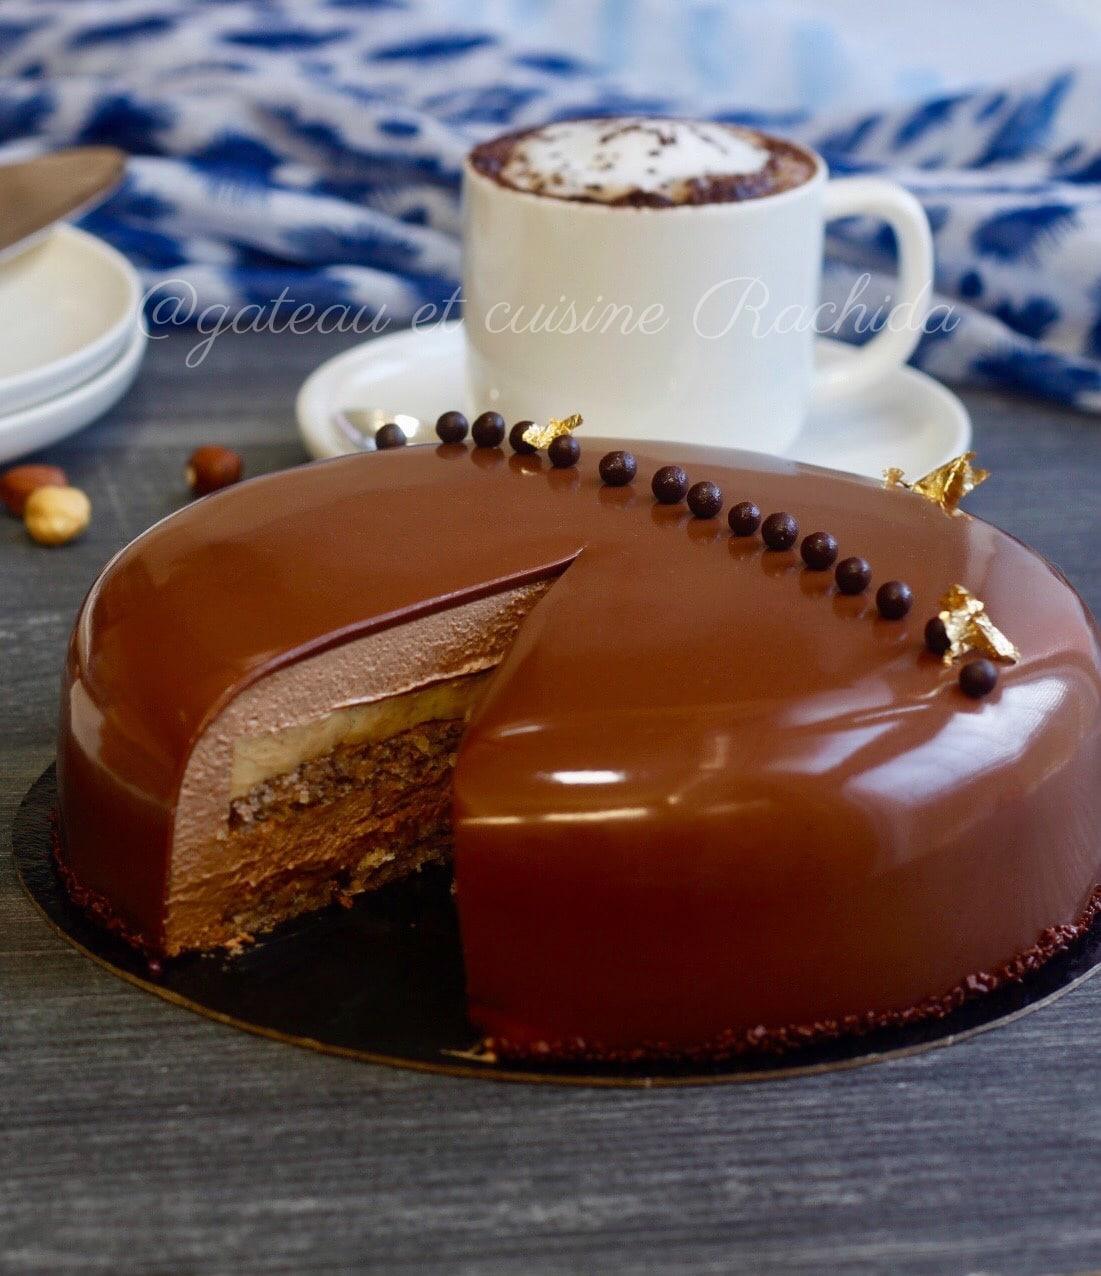 entremets chocolat au lait et noisettes avec un crémeux à la vanille